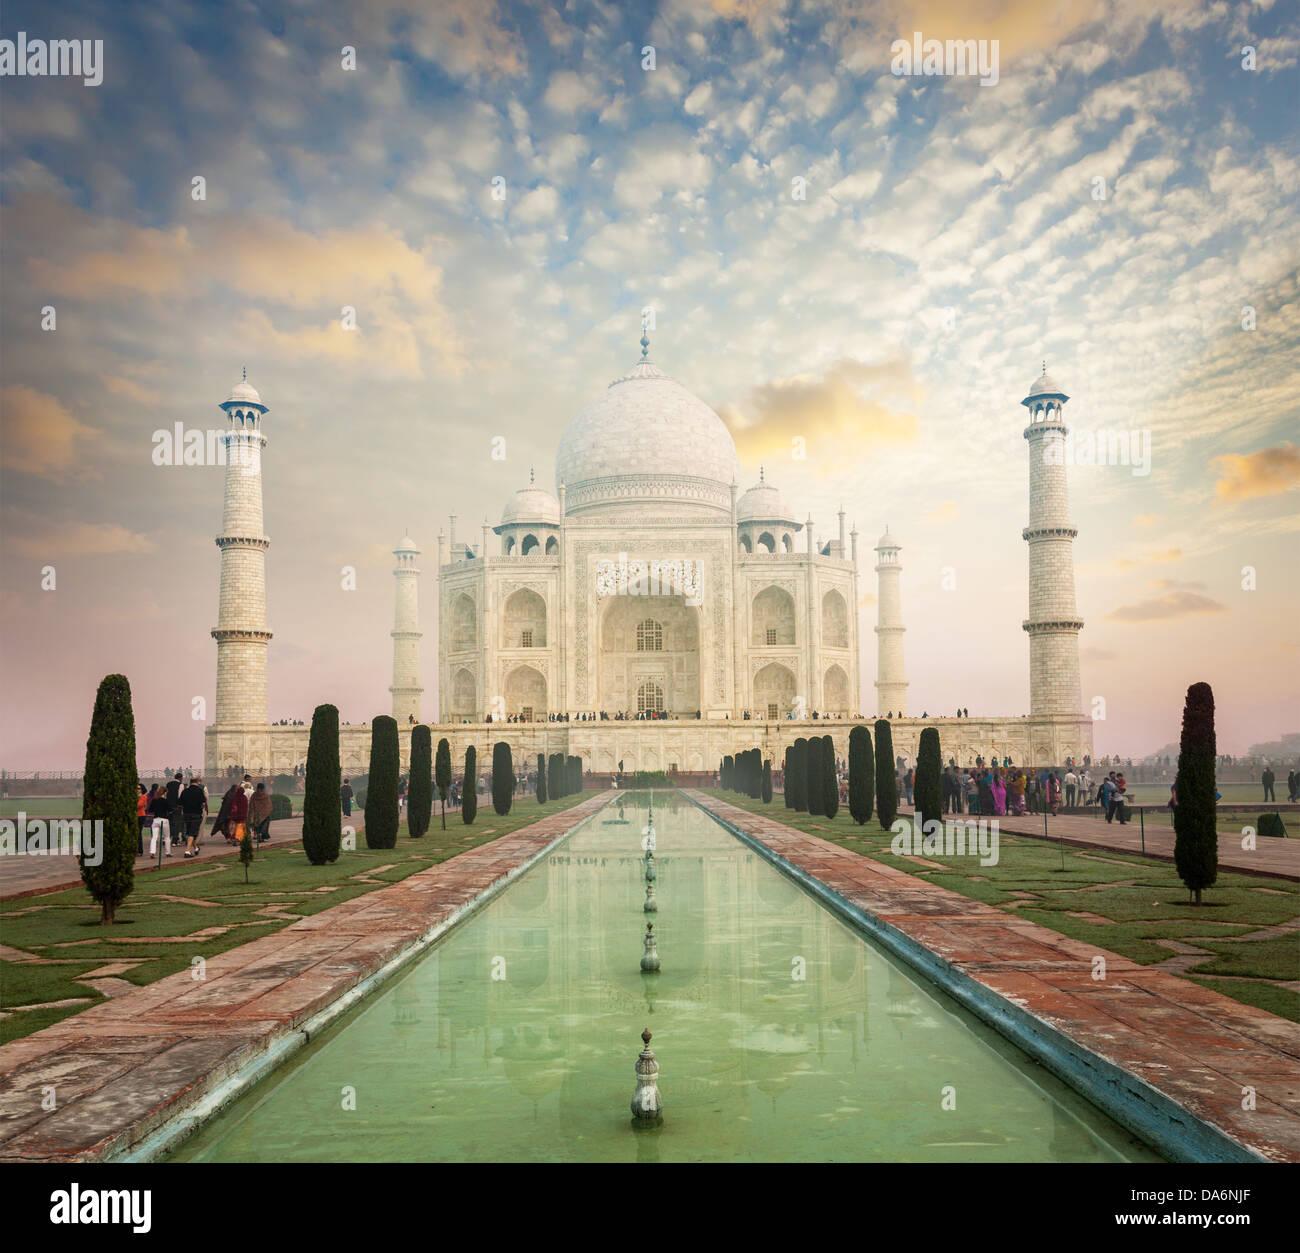 Taj Mahal on sunrise sunset, Indian Symbol - India travel background. Agra, Uttar Pradesh, India - Stock Image